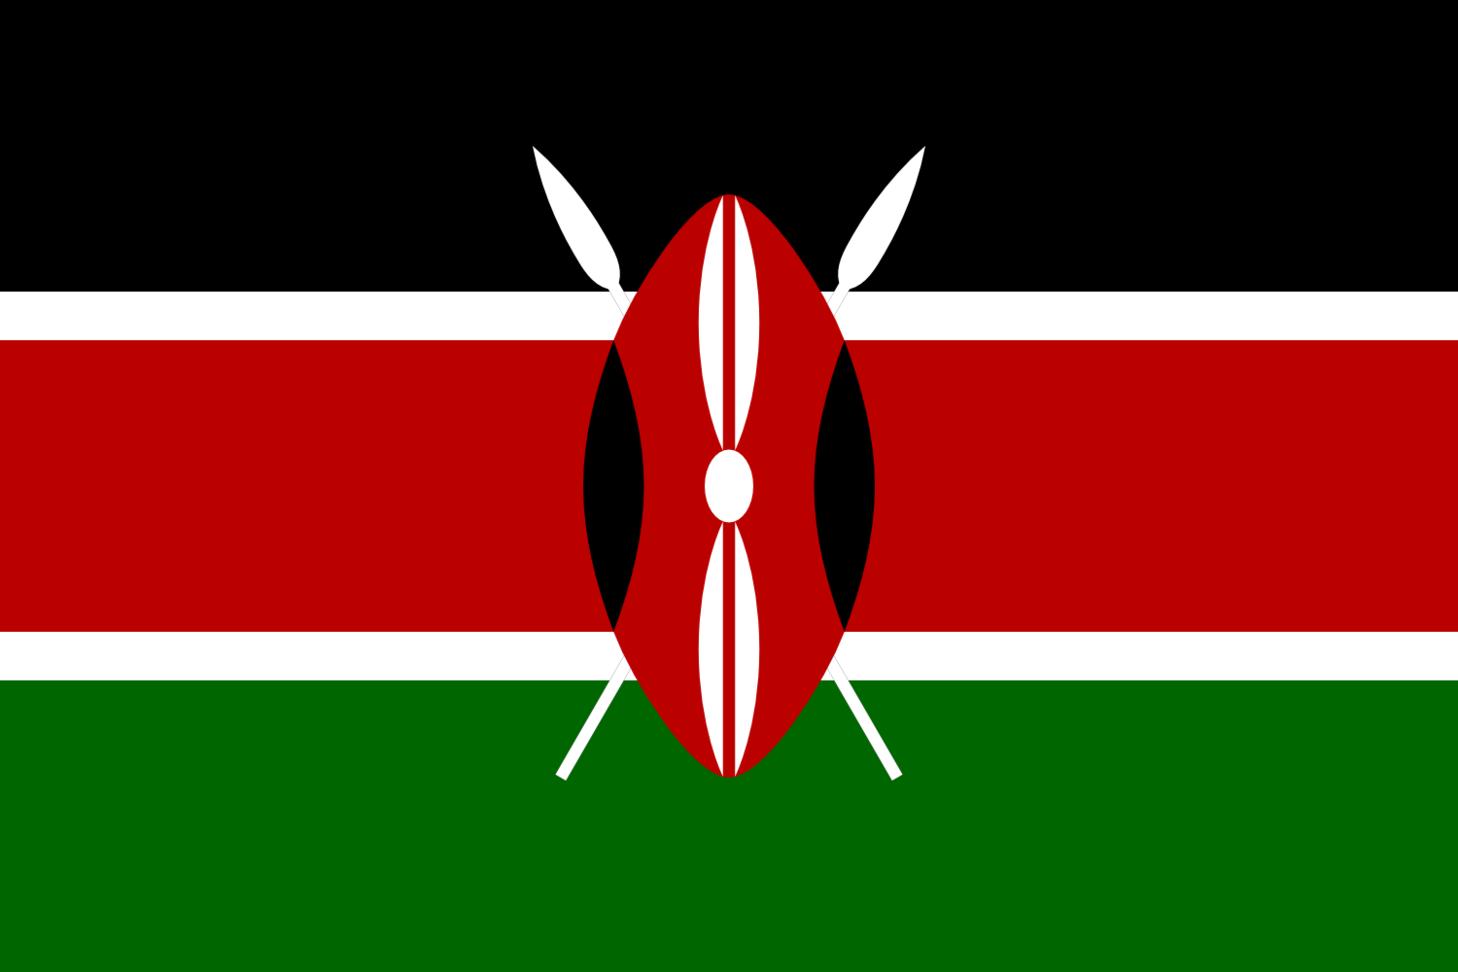 背景 素材 白 国旗